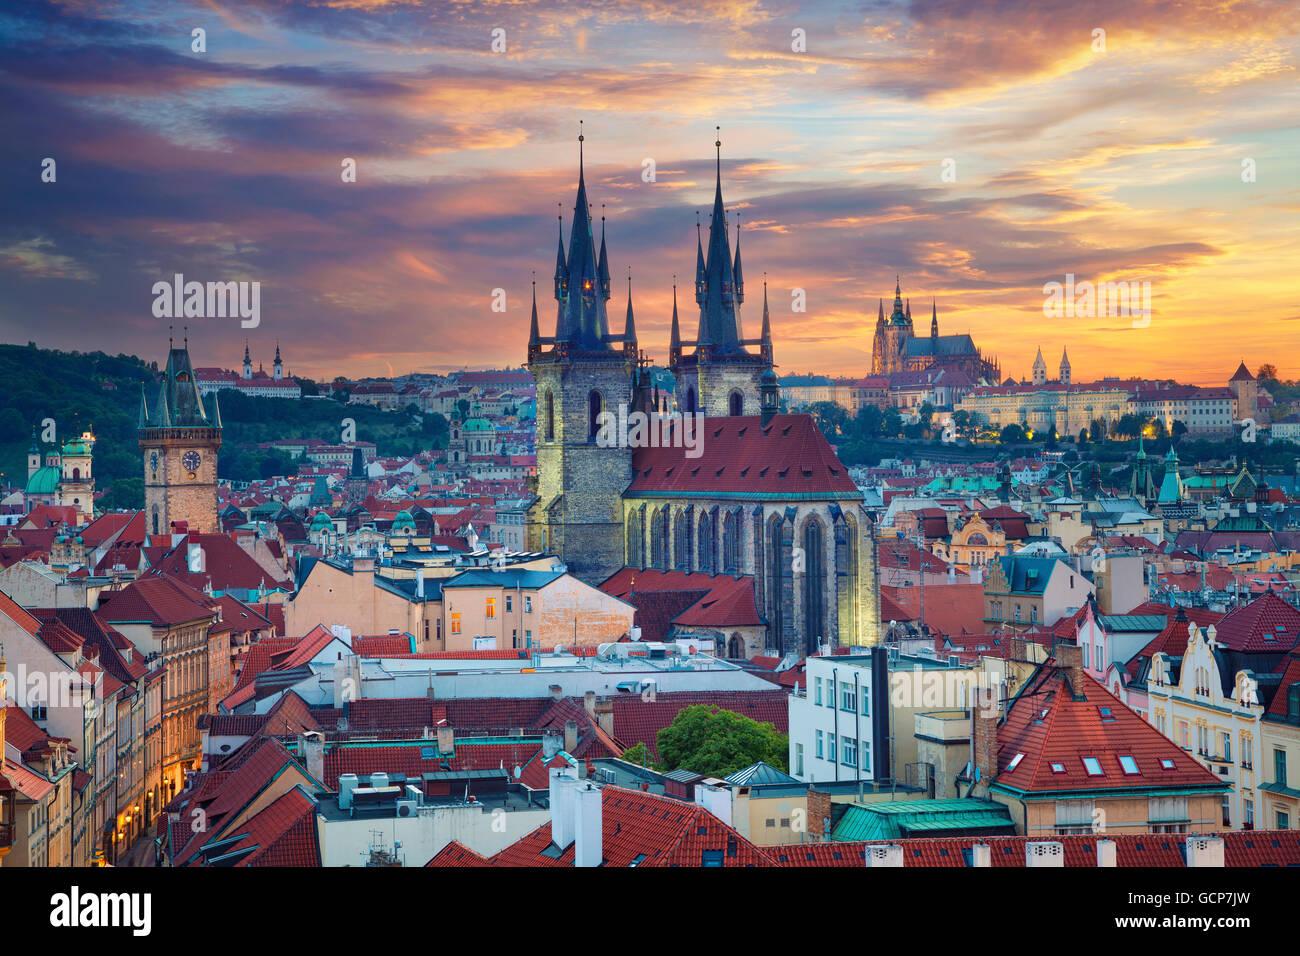 Praga. Imagen de Praga, capital de la República Checa, durante la espectacular puesta de sol. Imagen De Stock